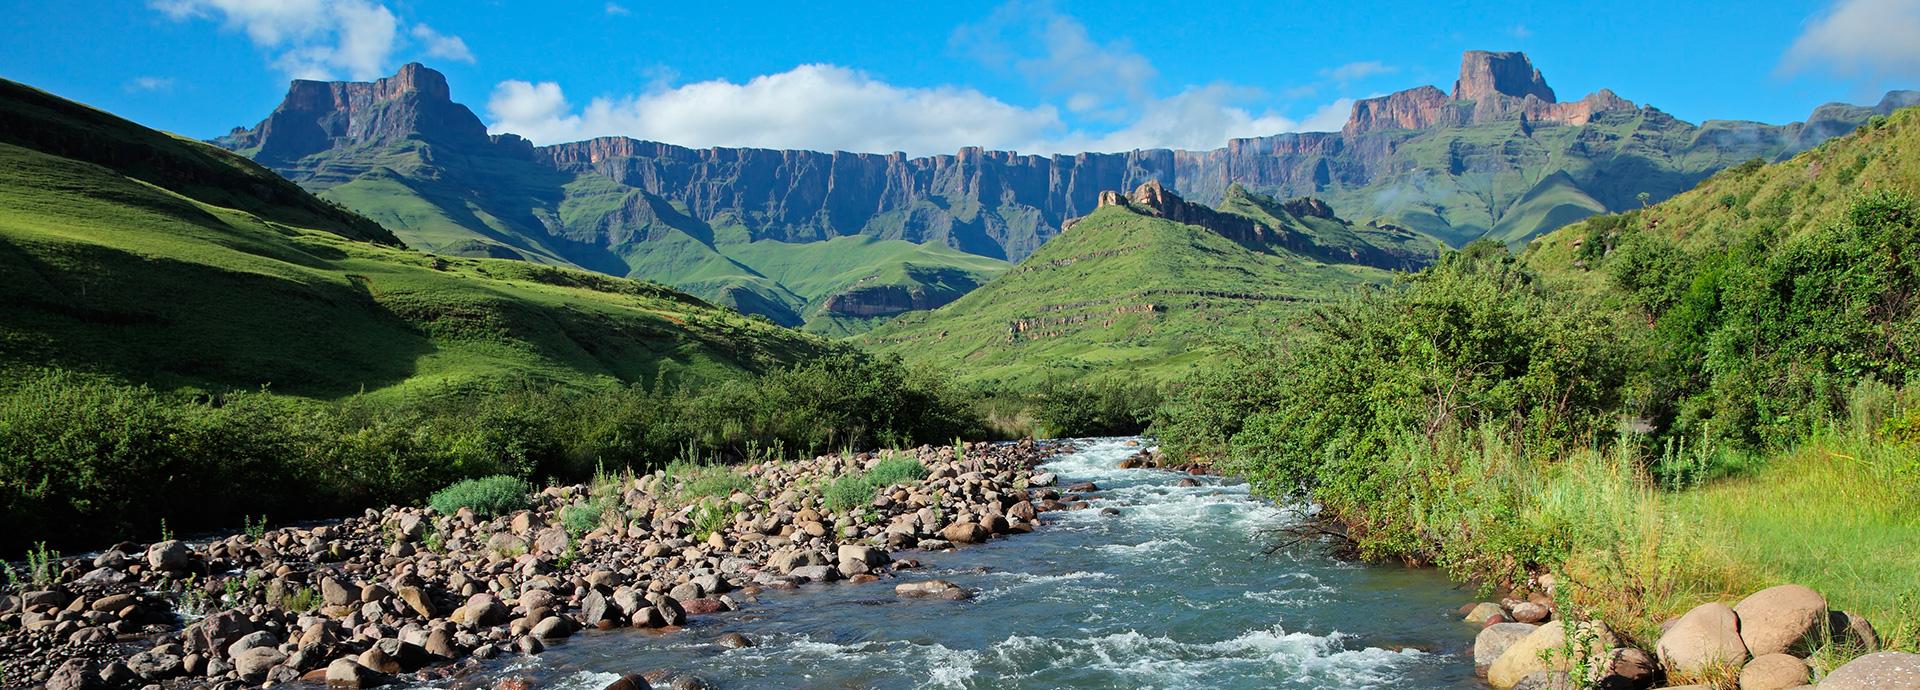 south-africa-drakensberg-mountains-slide06